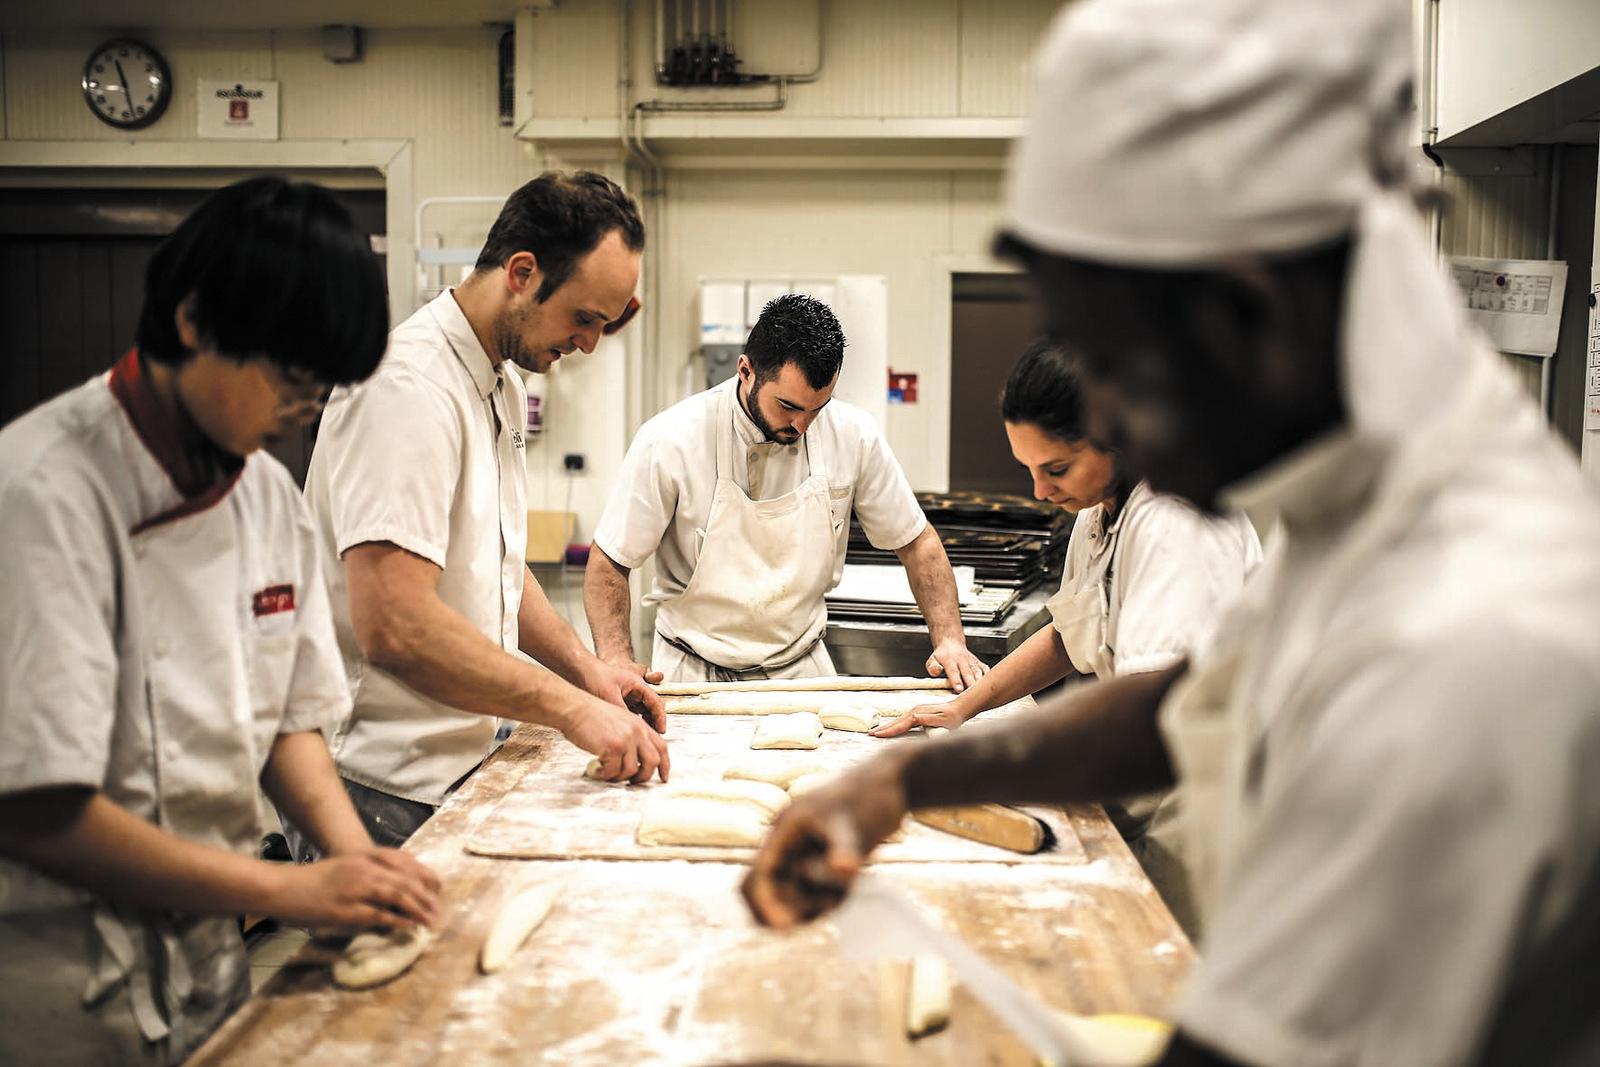 Dans le laboratoire de la boulangerie Pozzoli, à Gerland © Antoine Merlet